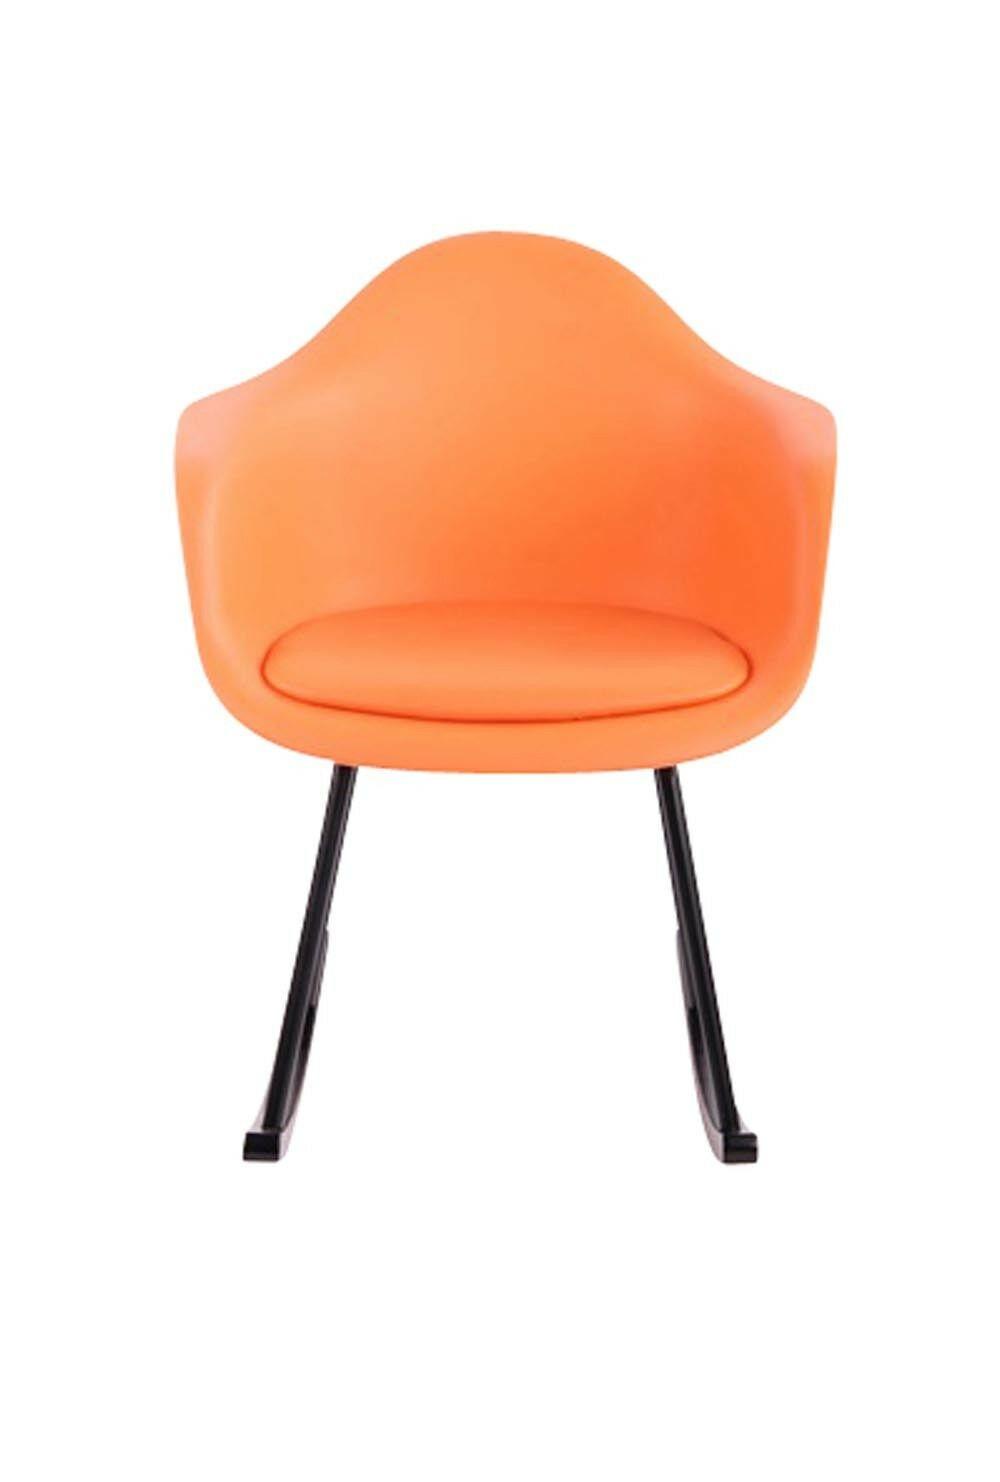 Schaukelstuhl Orange Kunststoff Relaxsessel Korbsessel Sitzschale